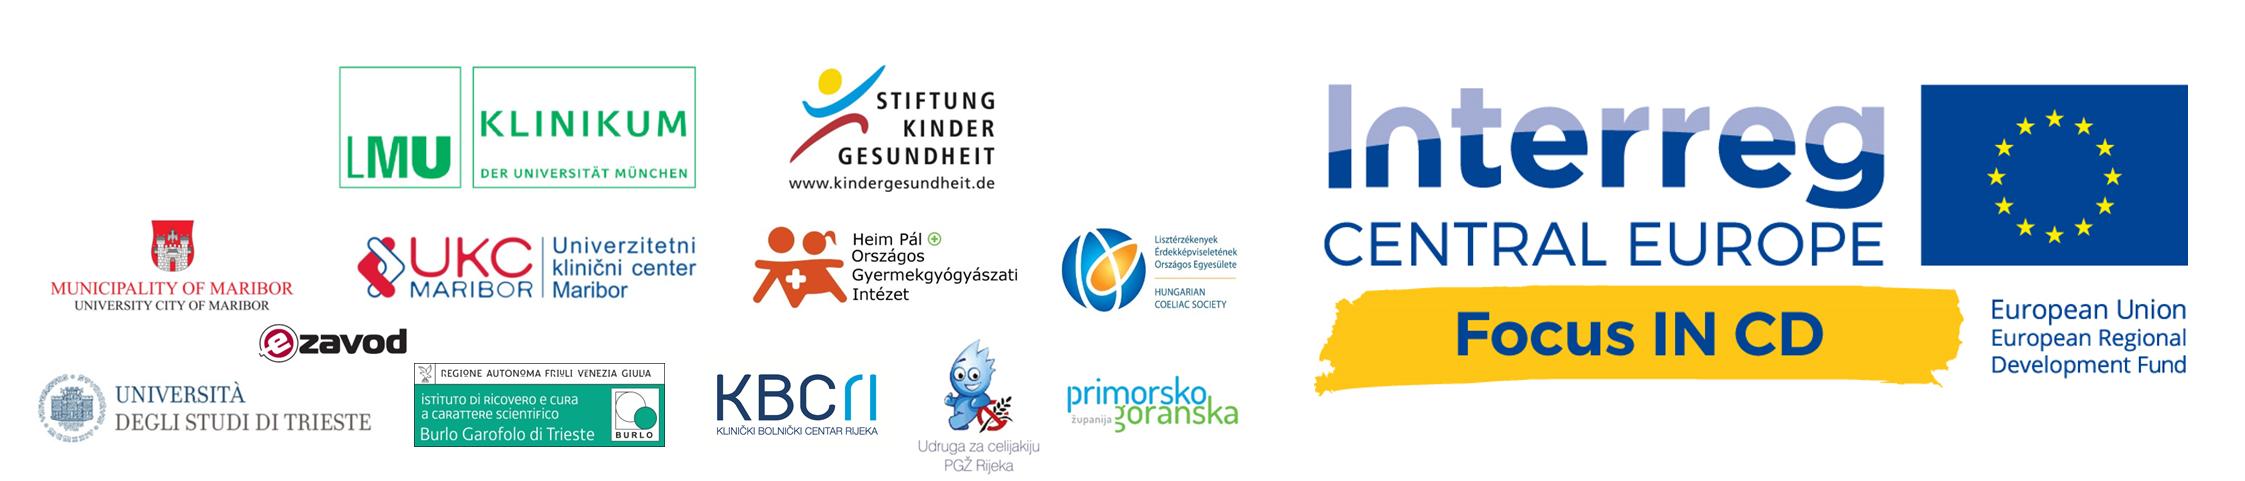 Focus IN CD Projektlogo und Logos der zwölf Projektpartner aus Deutschland, Slowenien, Ungarn, Kroatien und Italien